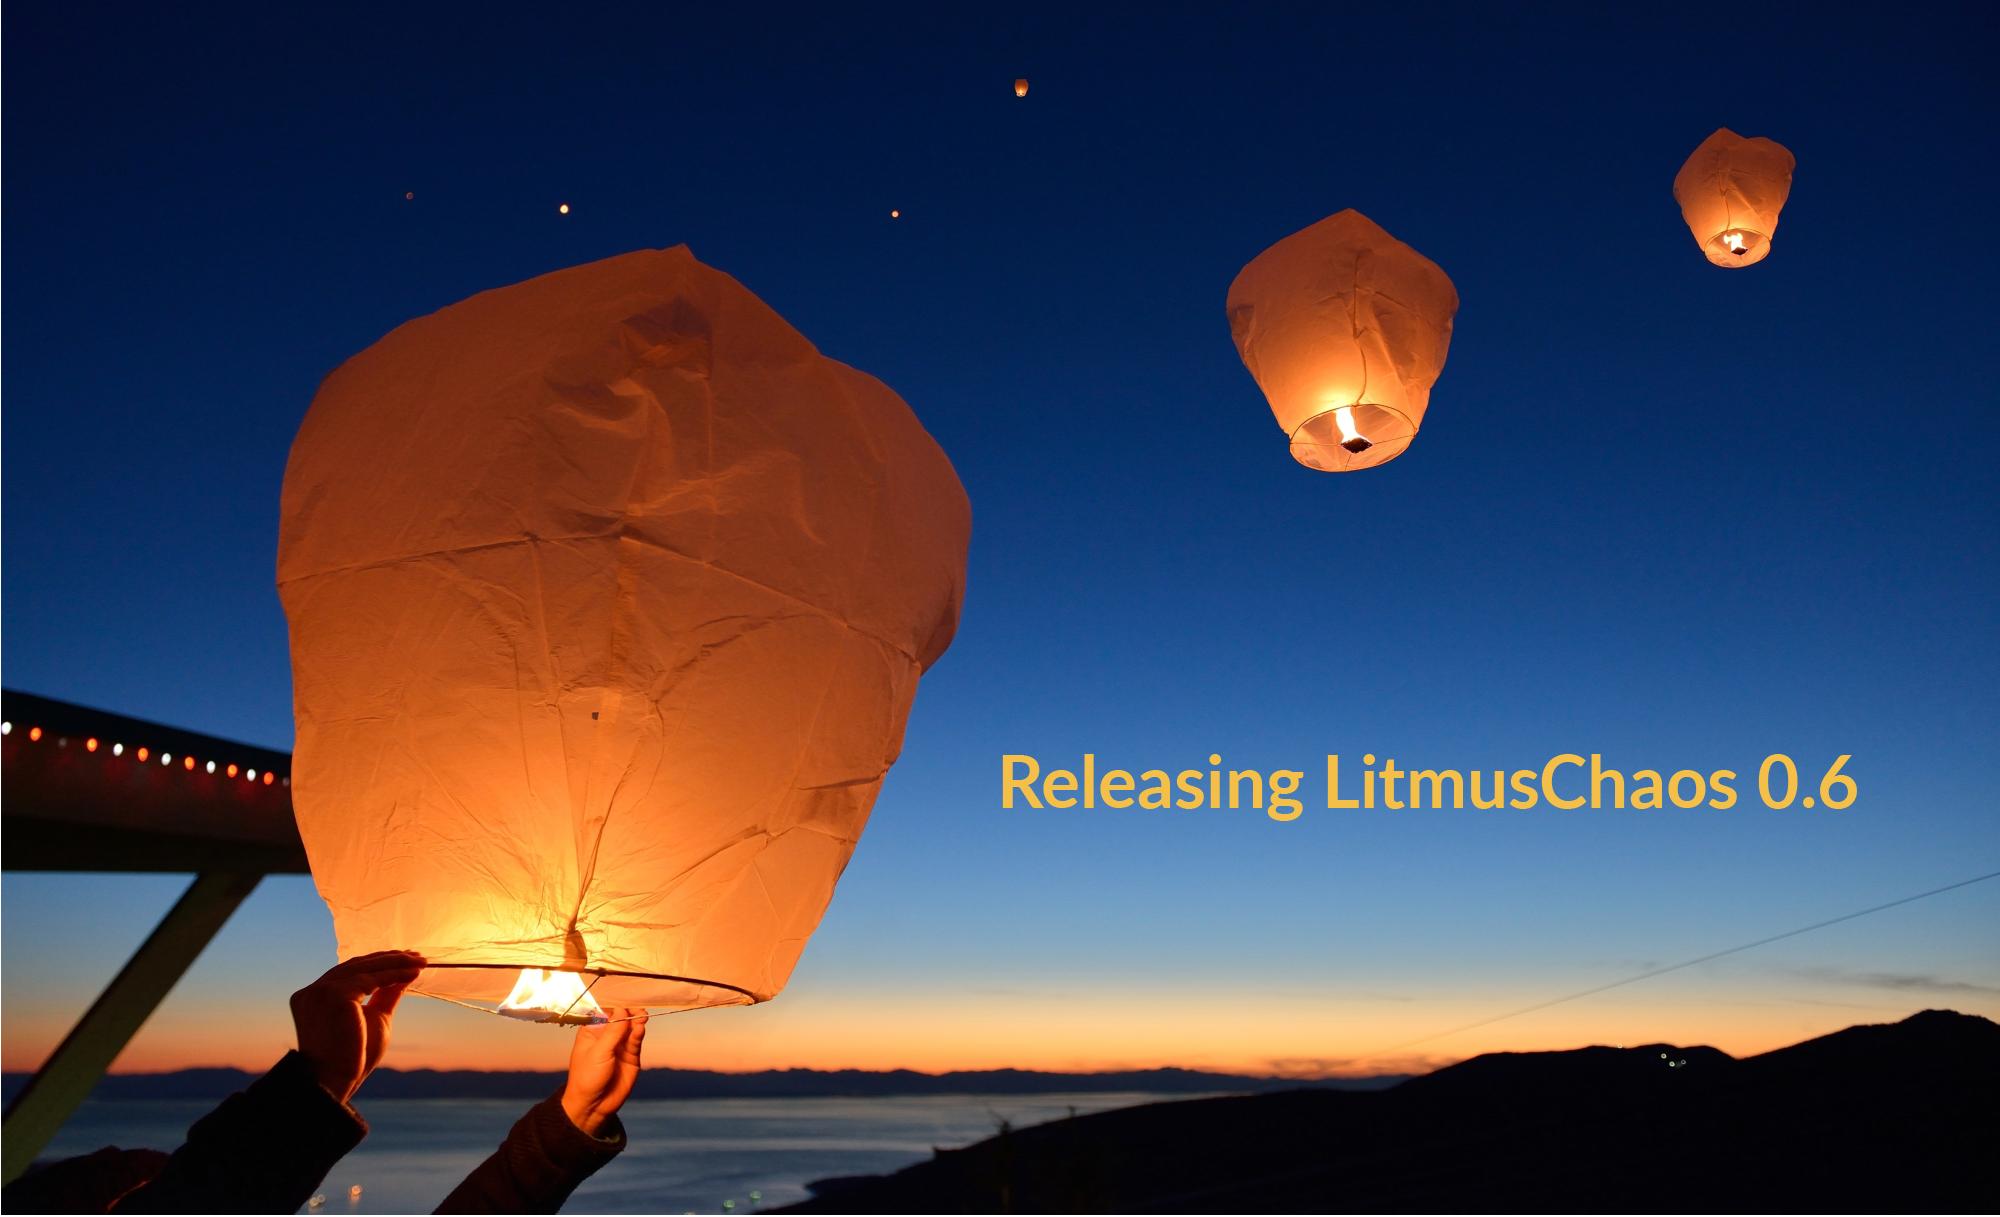 Releasing LitmusChaos 0.6